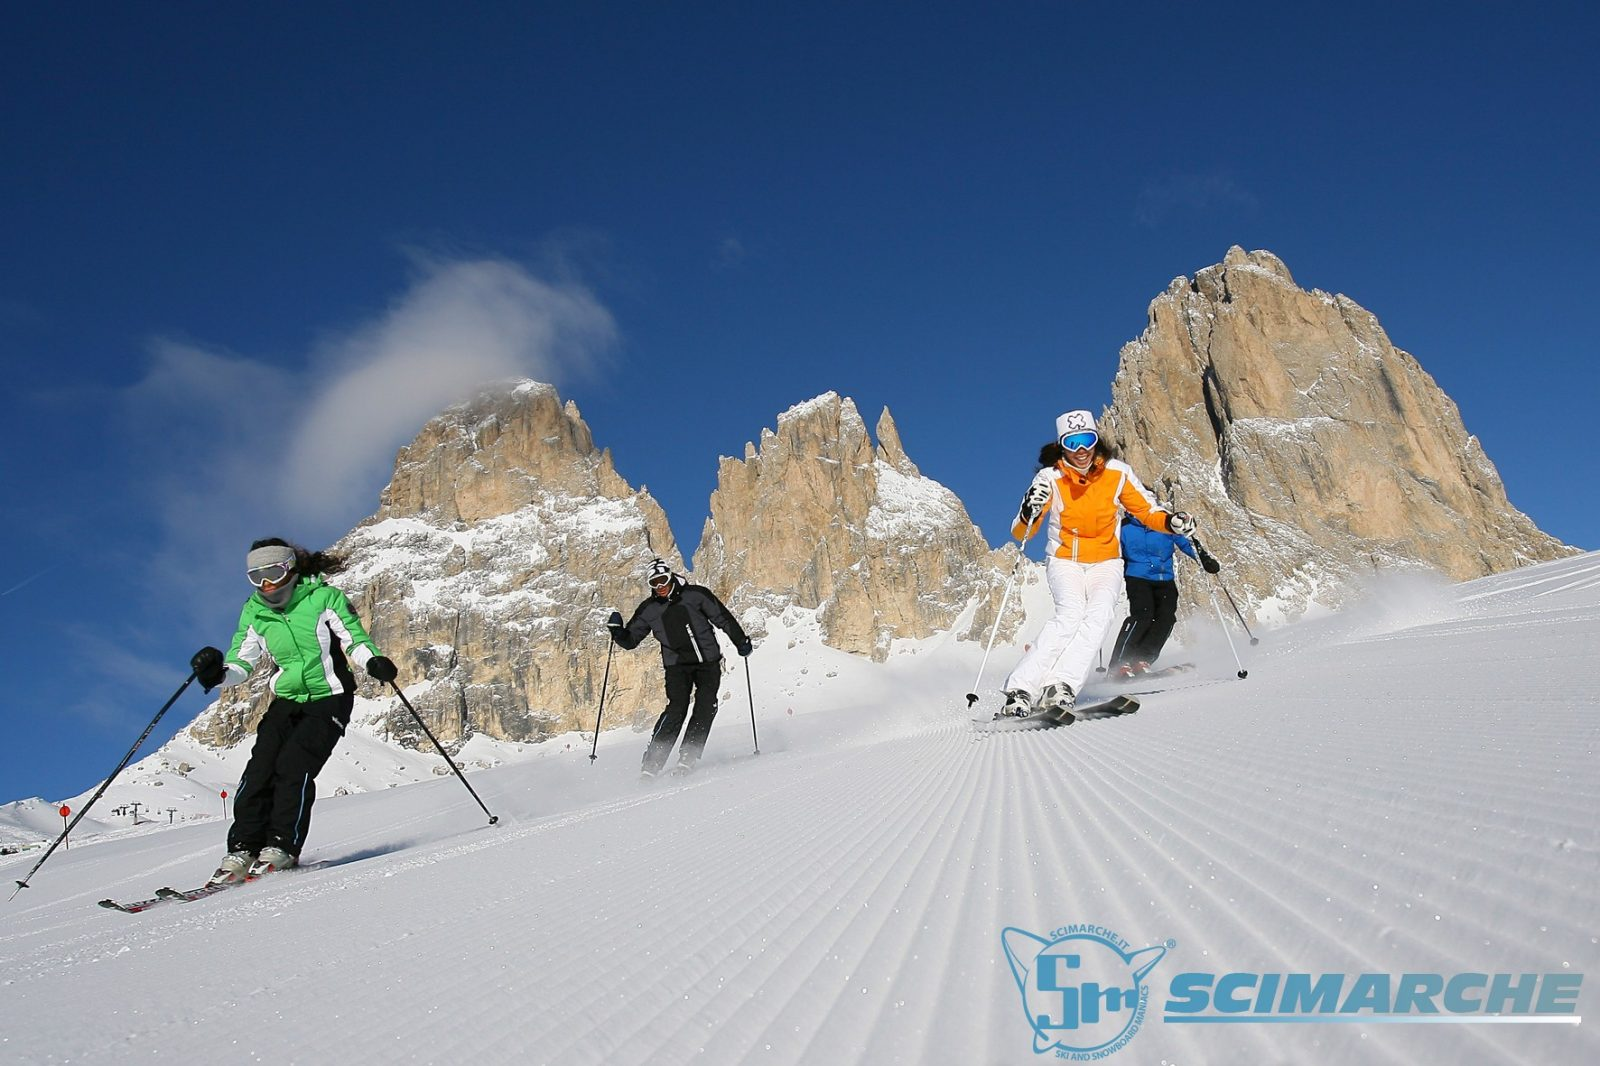 Ski area Col Rodella - Val di Fassa - Trentino Alto Adige